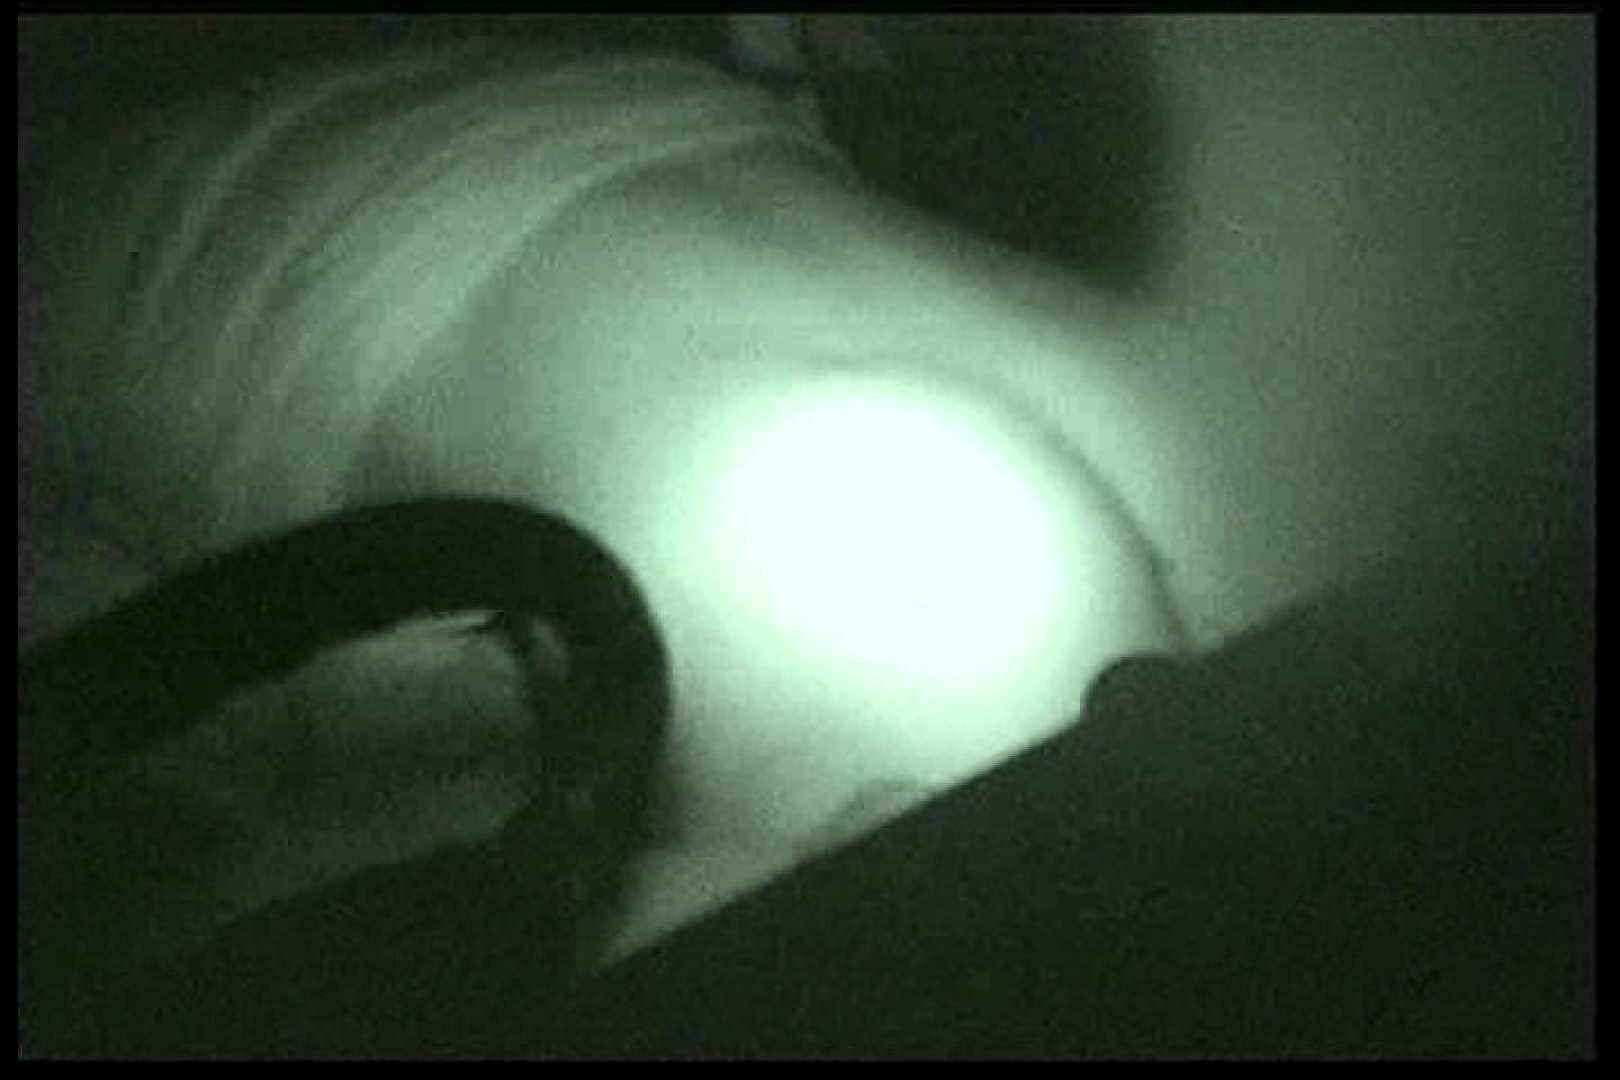 車の中はラブホテル 無修正版  Vol.14 マンコ無修正 覗き性交動画流出 100画像 39